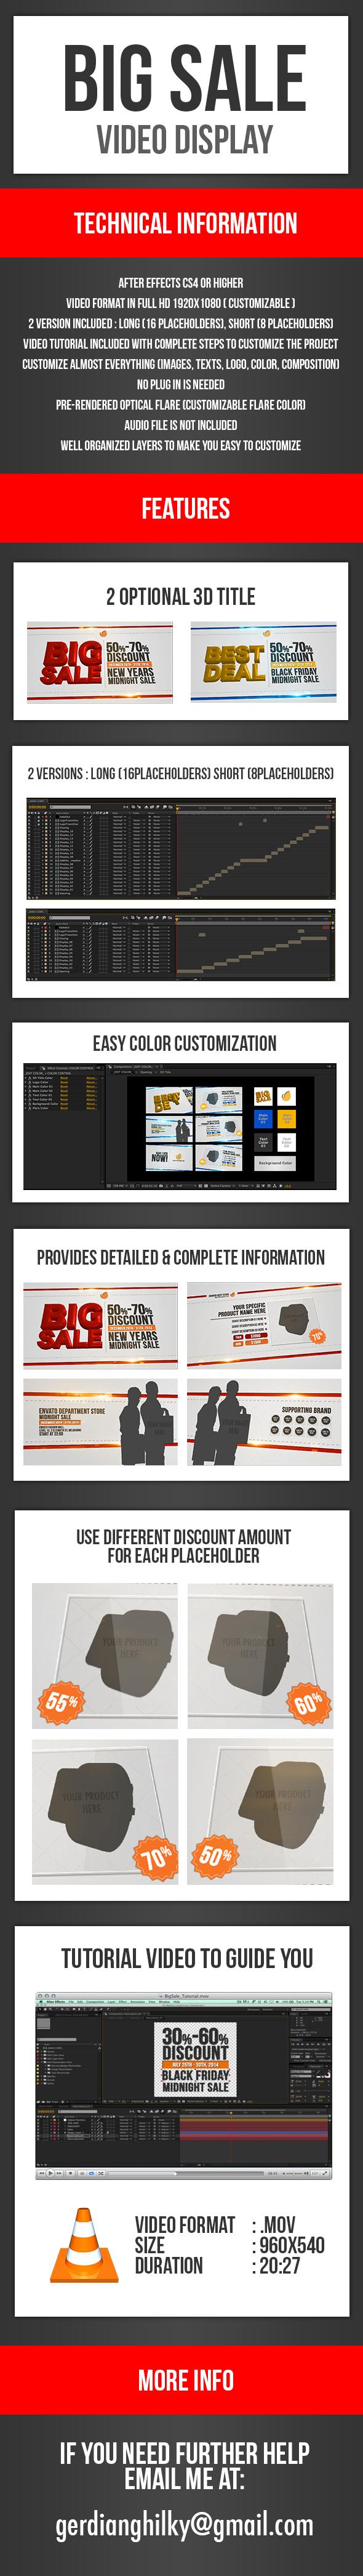 VH_BigSale_Information